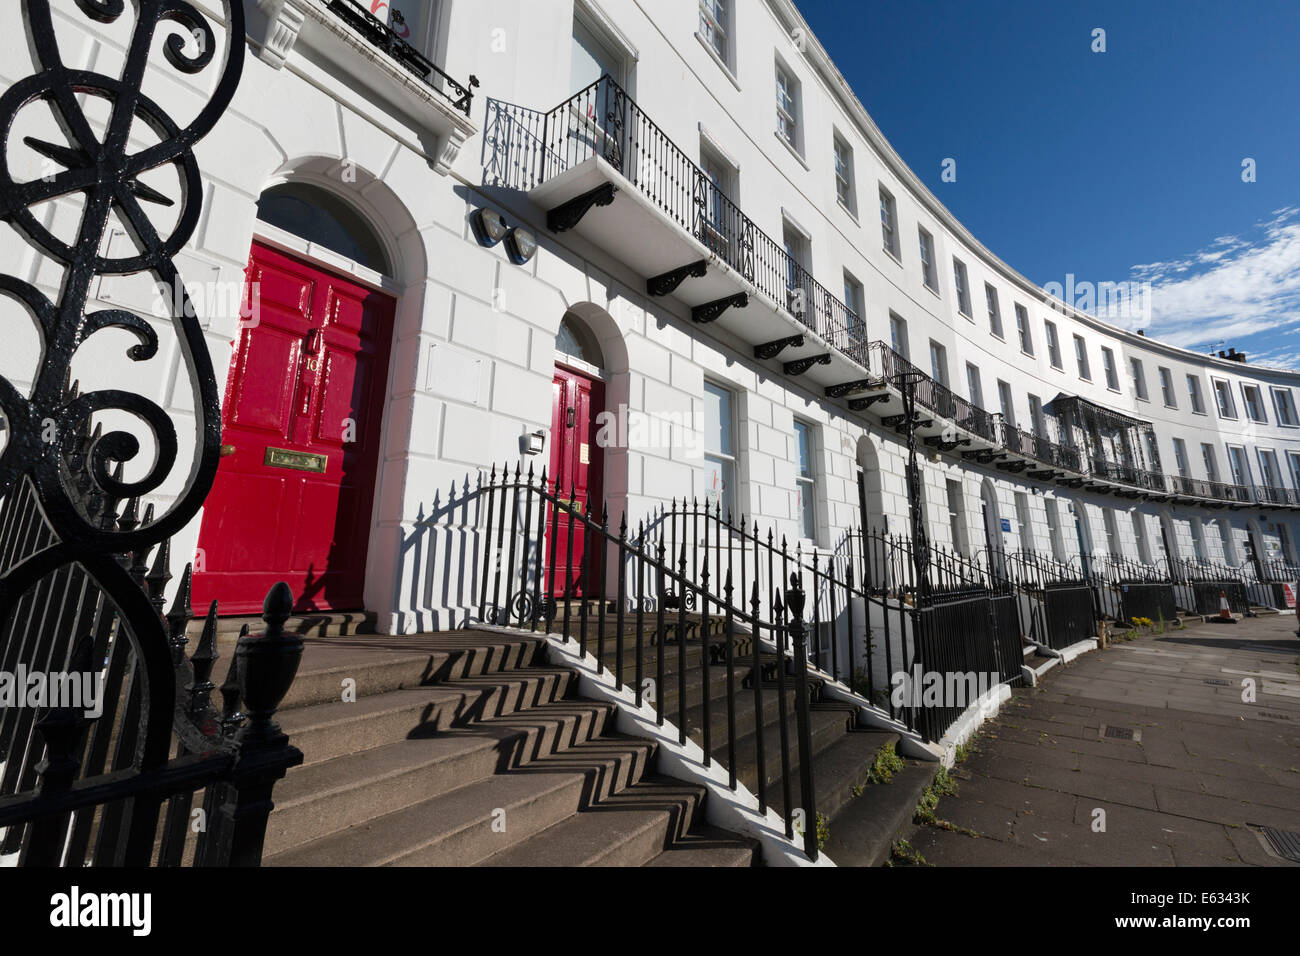 Royal Crescent, Cheltenham, Gloucestershire, England, United Kingdom, Europe Stock Photo